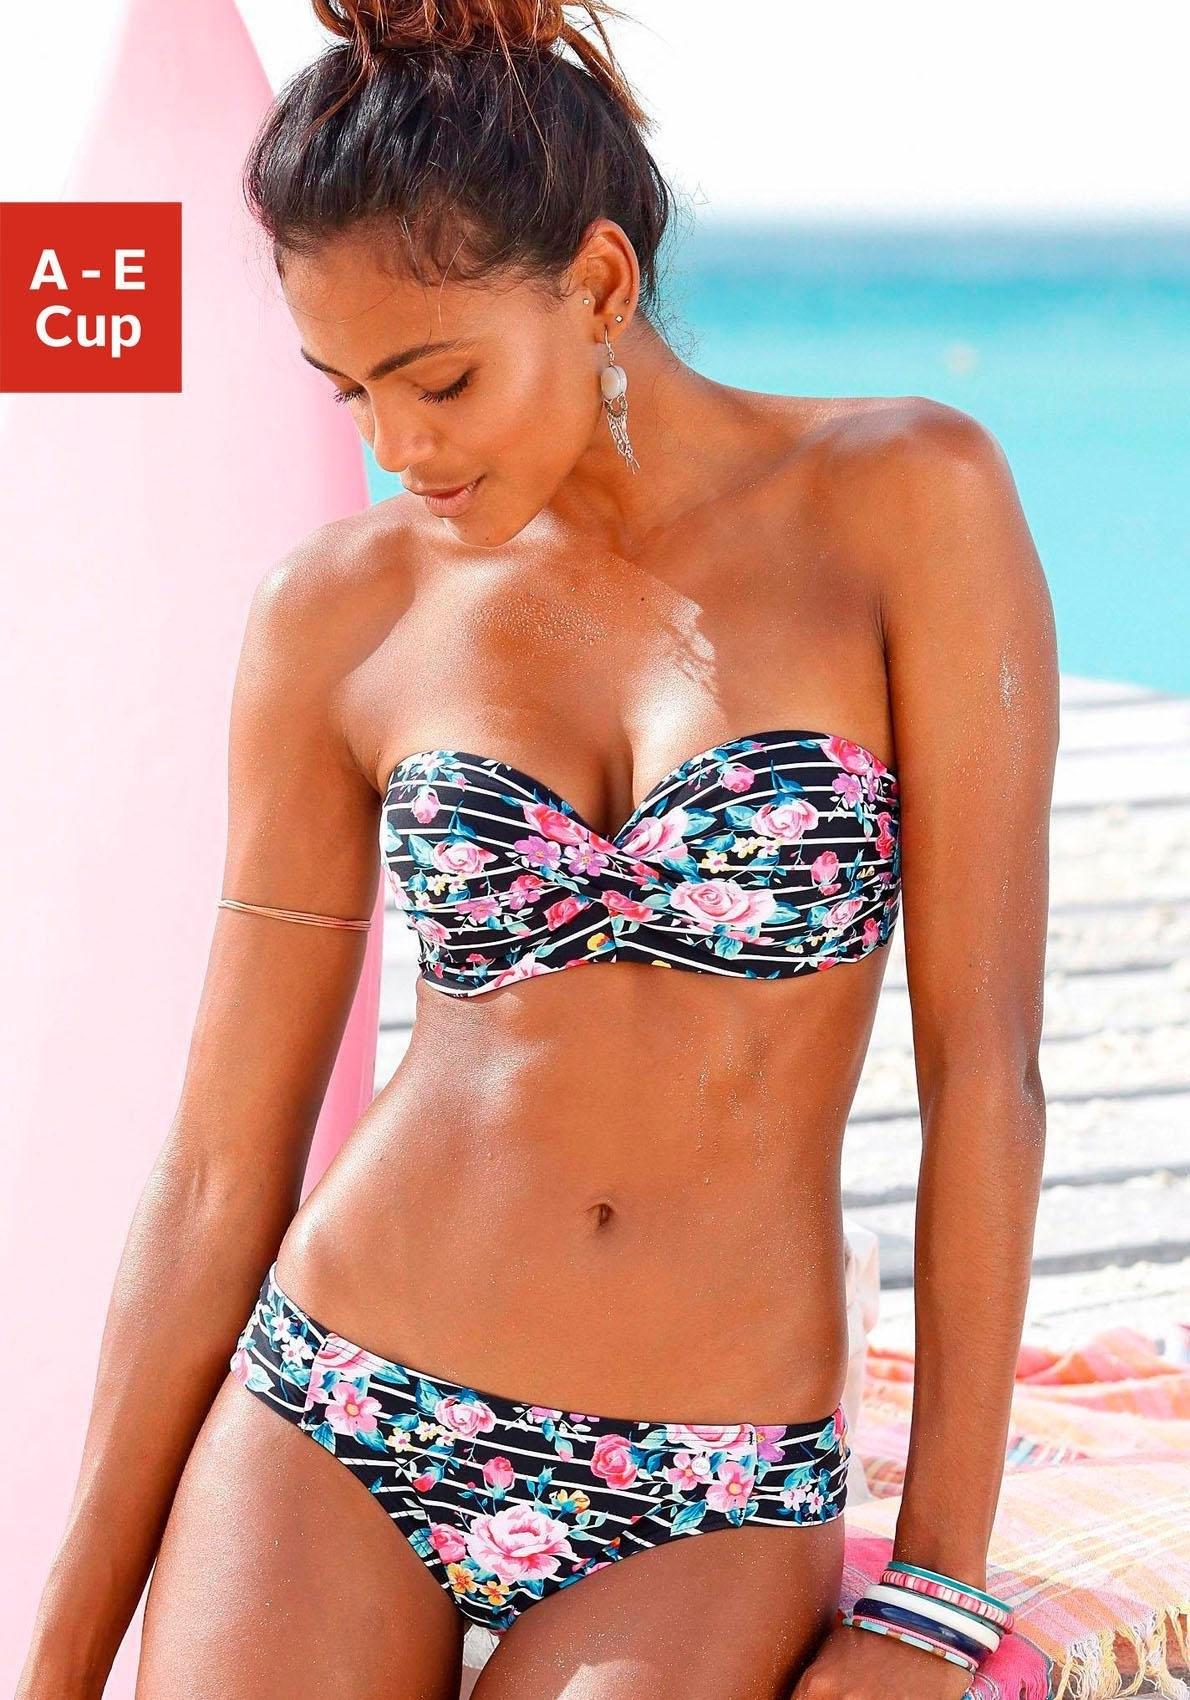 S.oliver Red Label Beachwear beugelbikini in bandeaumodel met bloemenprint voordelig en veilig online kopen